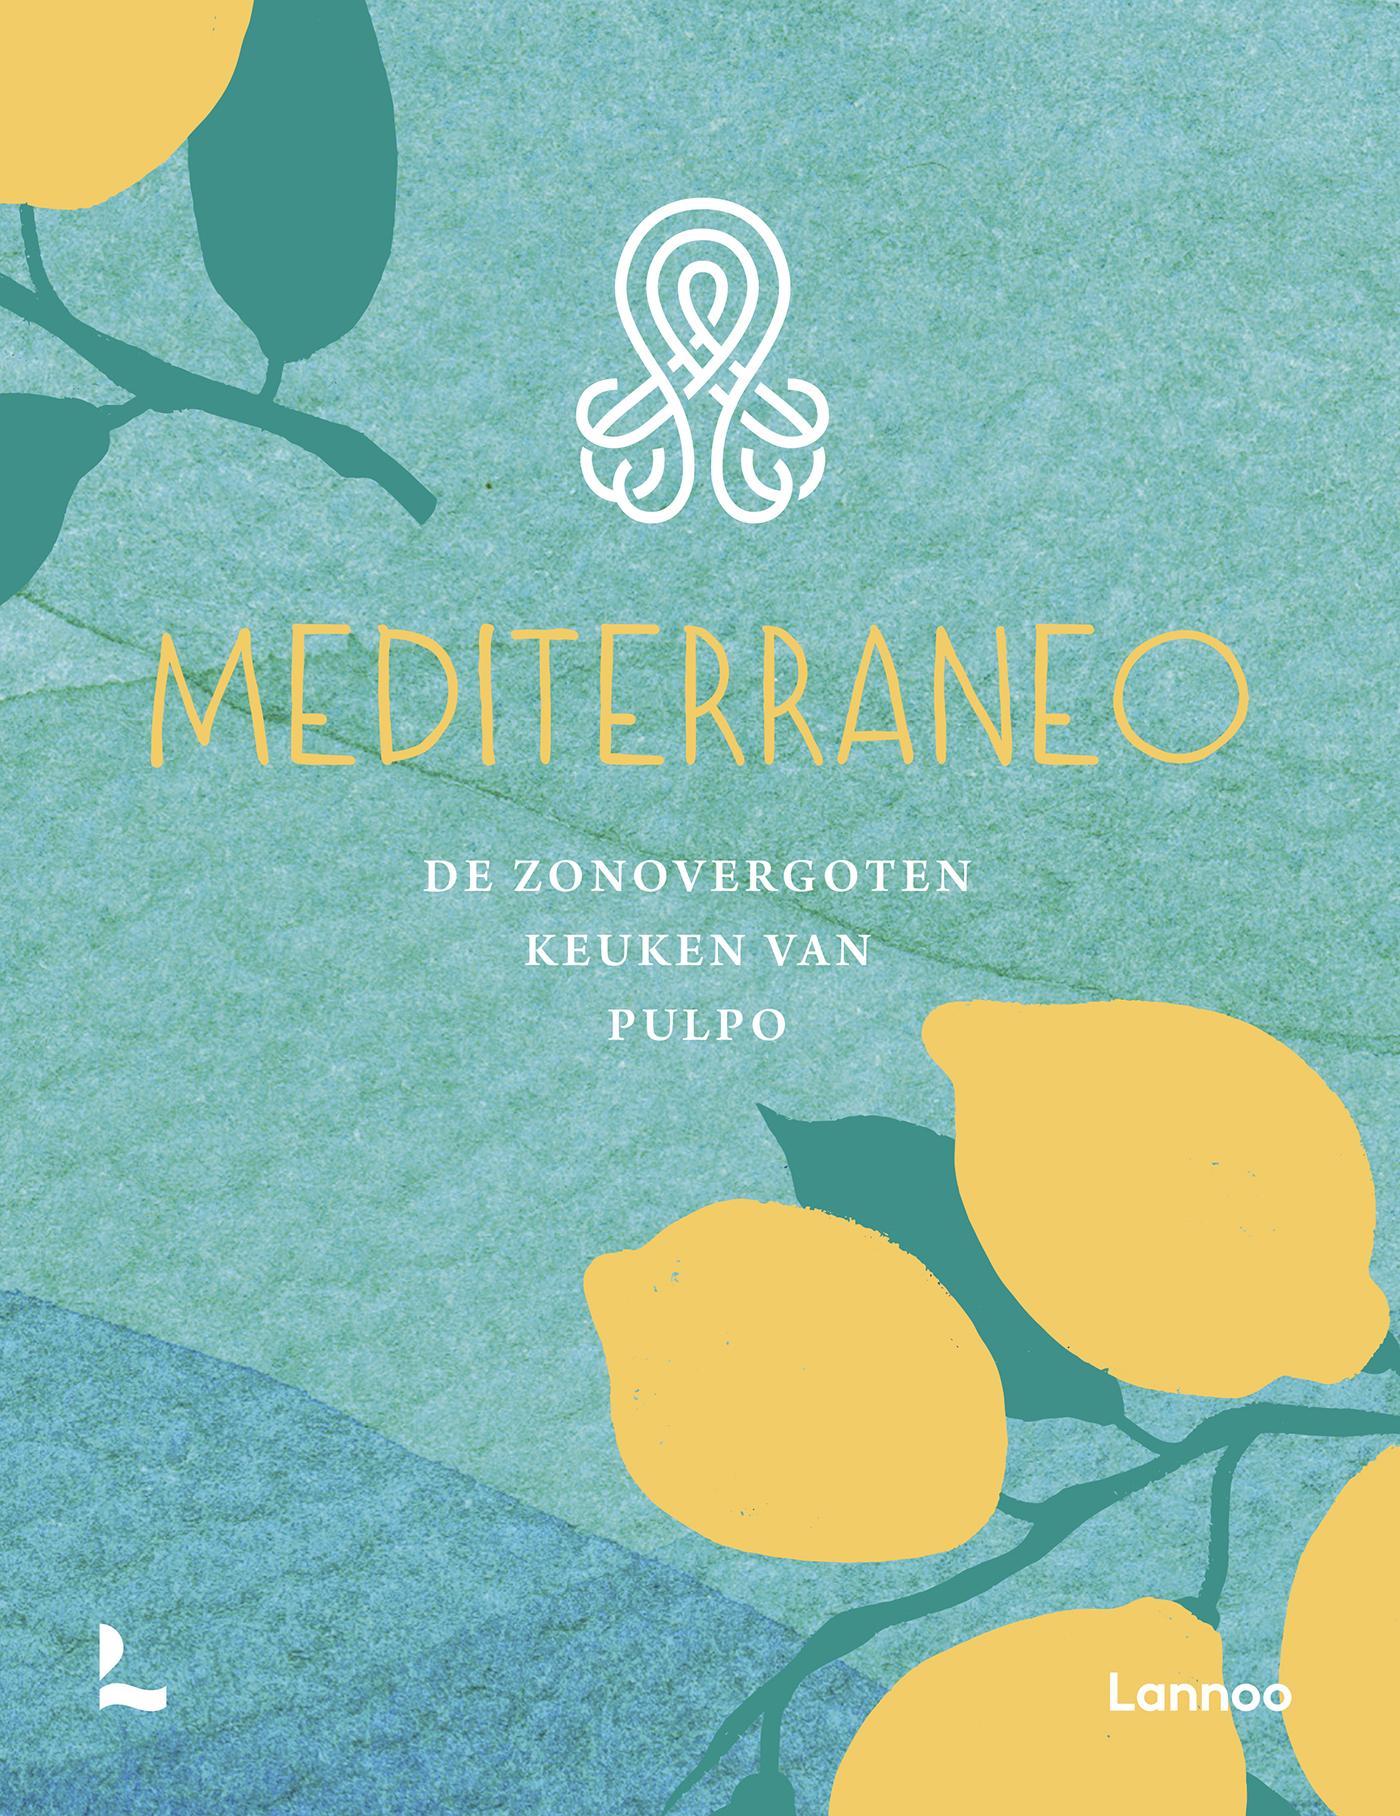 Mediterraneo – de zonovergoten keuken van Pulpo